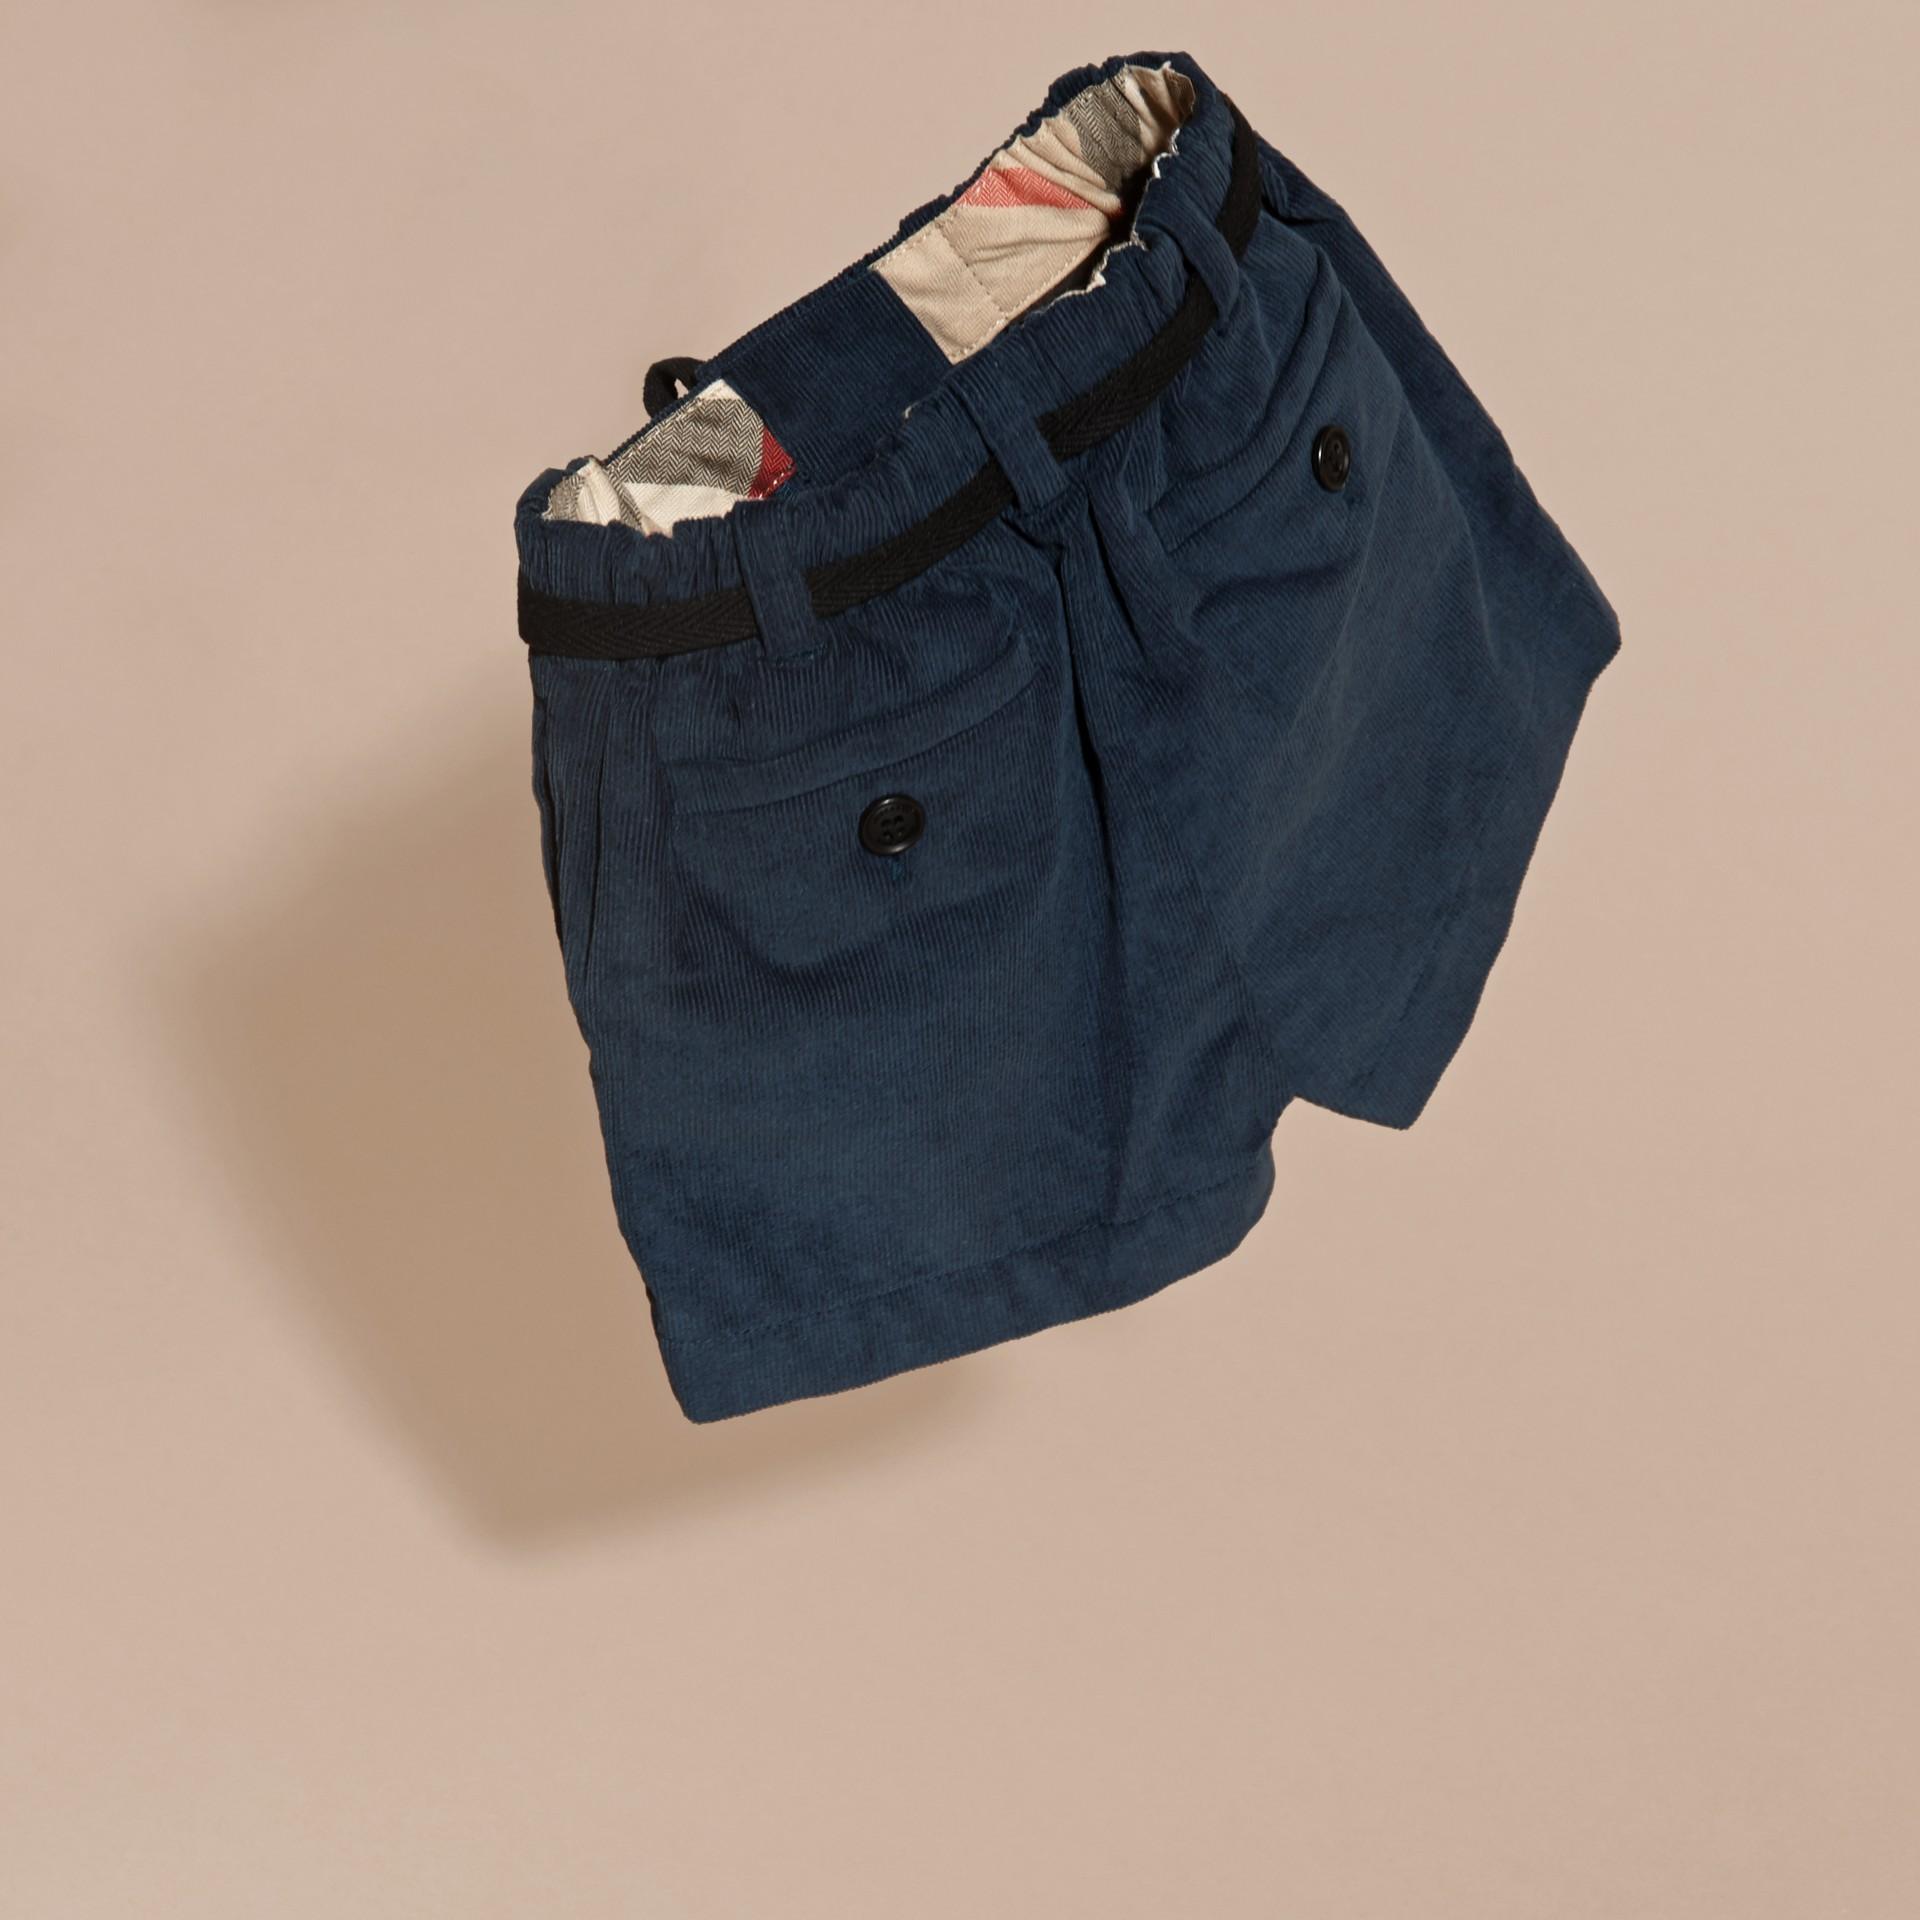 Bleu canard intense Short en velours côtelé de coton avec ceinture - photo de la galerie 4